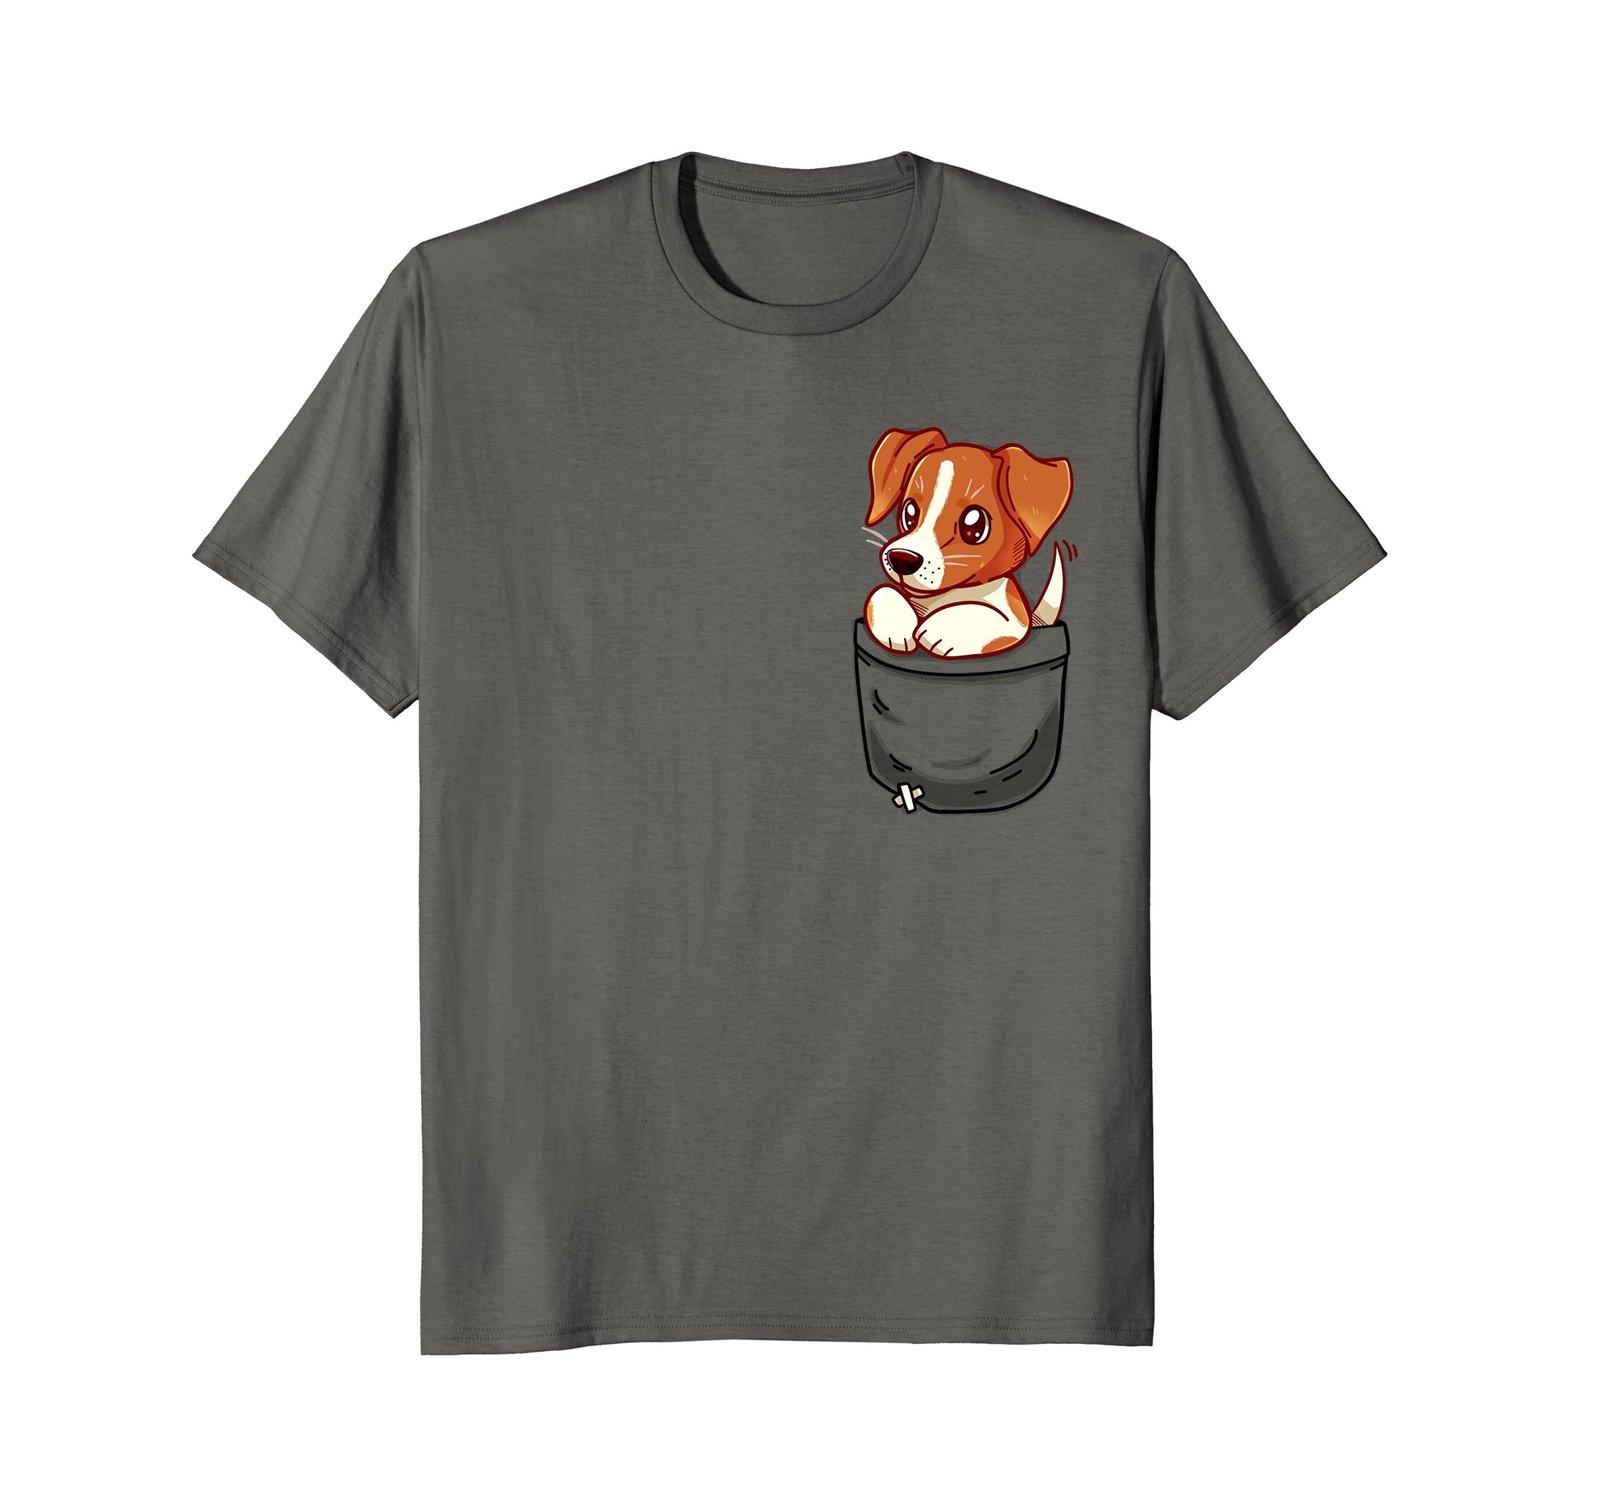 Pocket Cute Jack Russell Terrier - T-Shirt